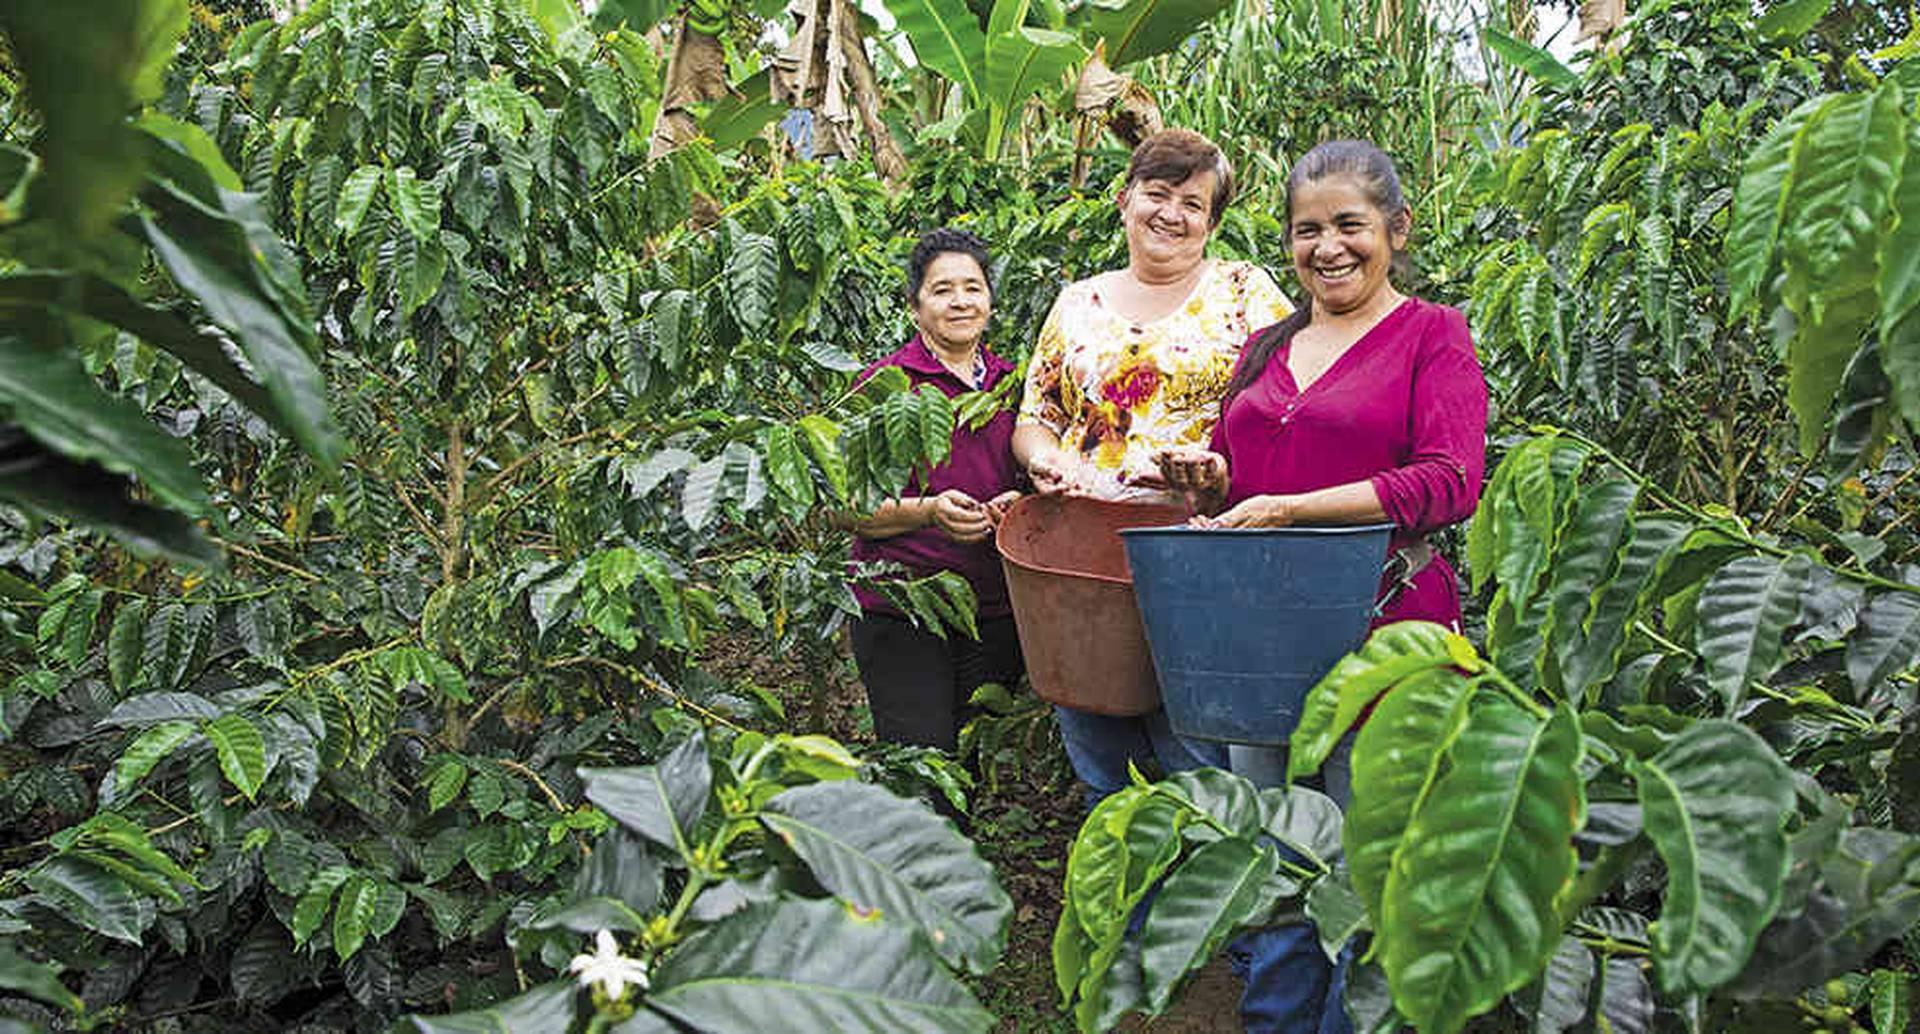 ¿Por qué los campesinos de Viotá no abandonan el café? ¿Por qué un dron paralizó la misa del domingo en Tibirita? Conózcalo en estas líneas.